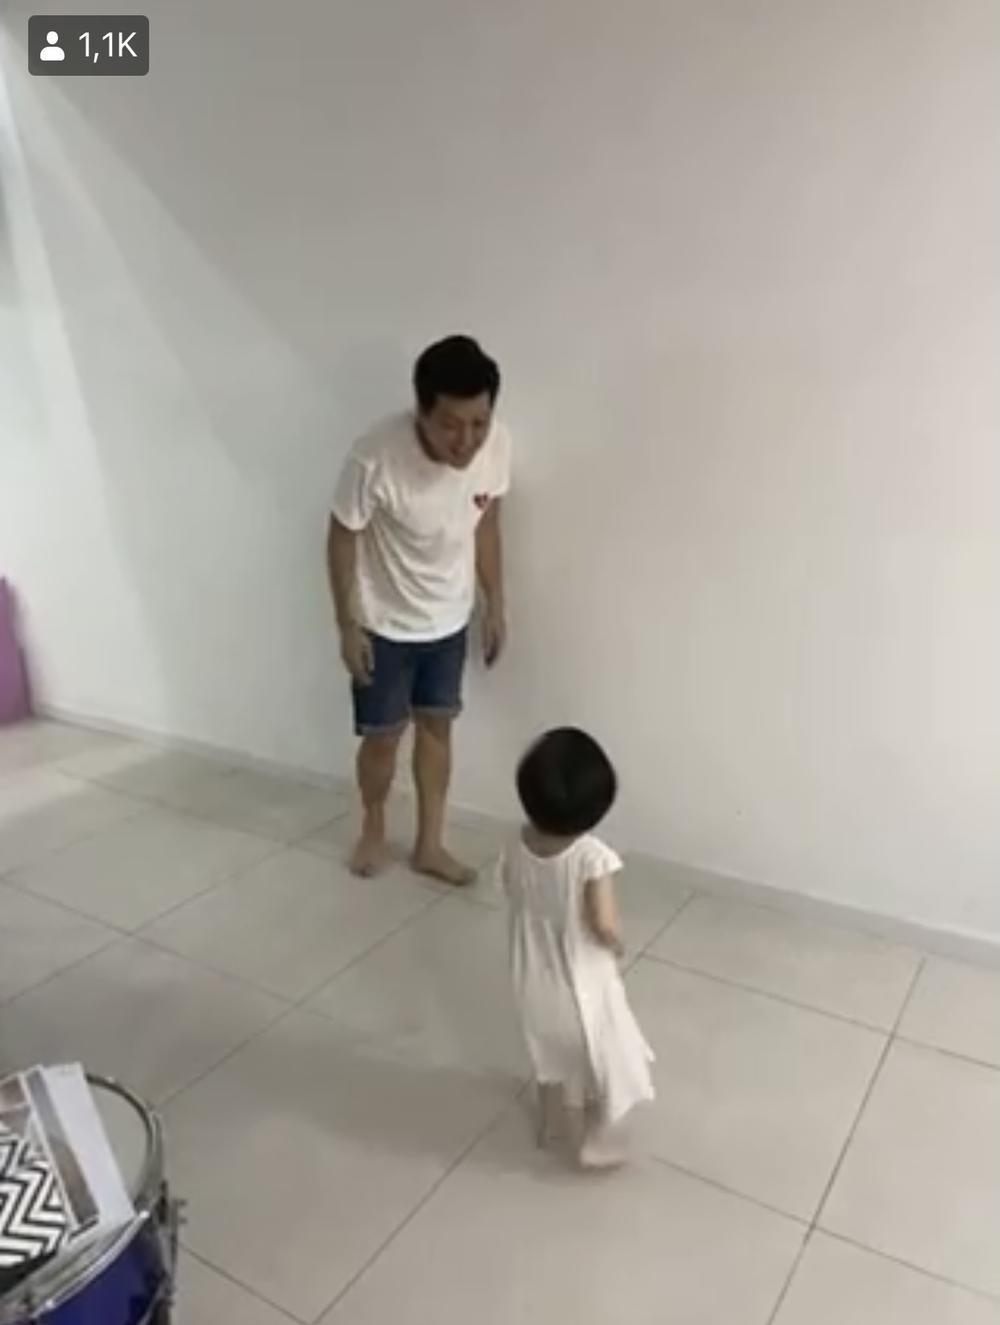 Trường Giang quấn quýt bên con gái, khẳng định Nhã Phương bị cho 'ra rìa' thật rồi Ảnh 4